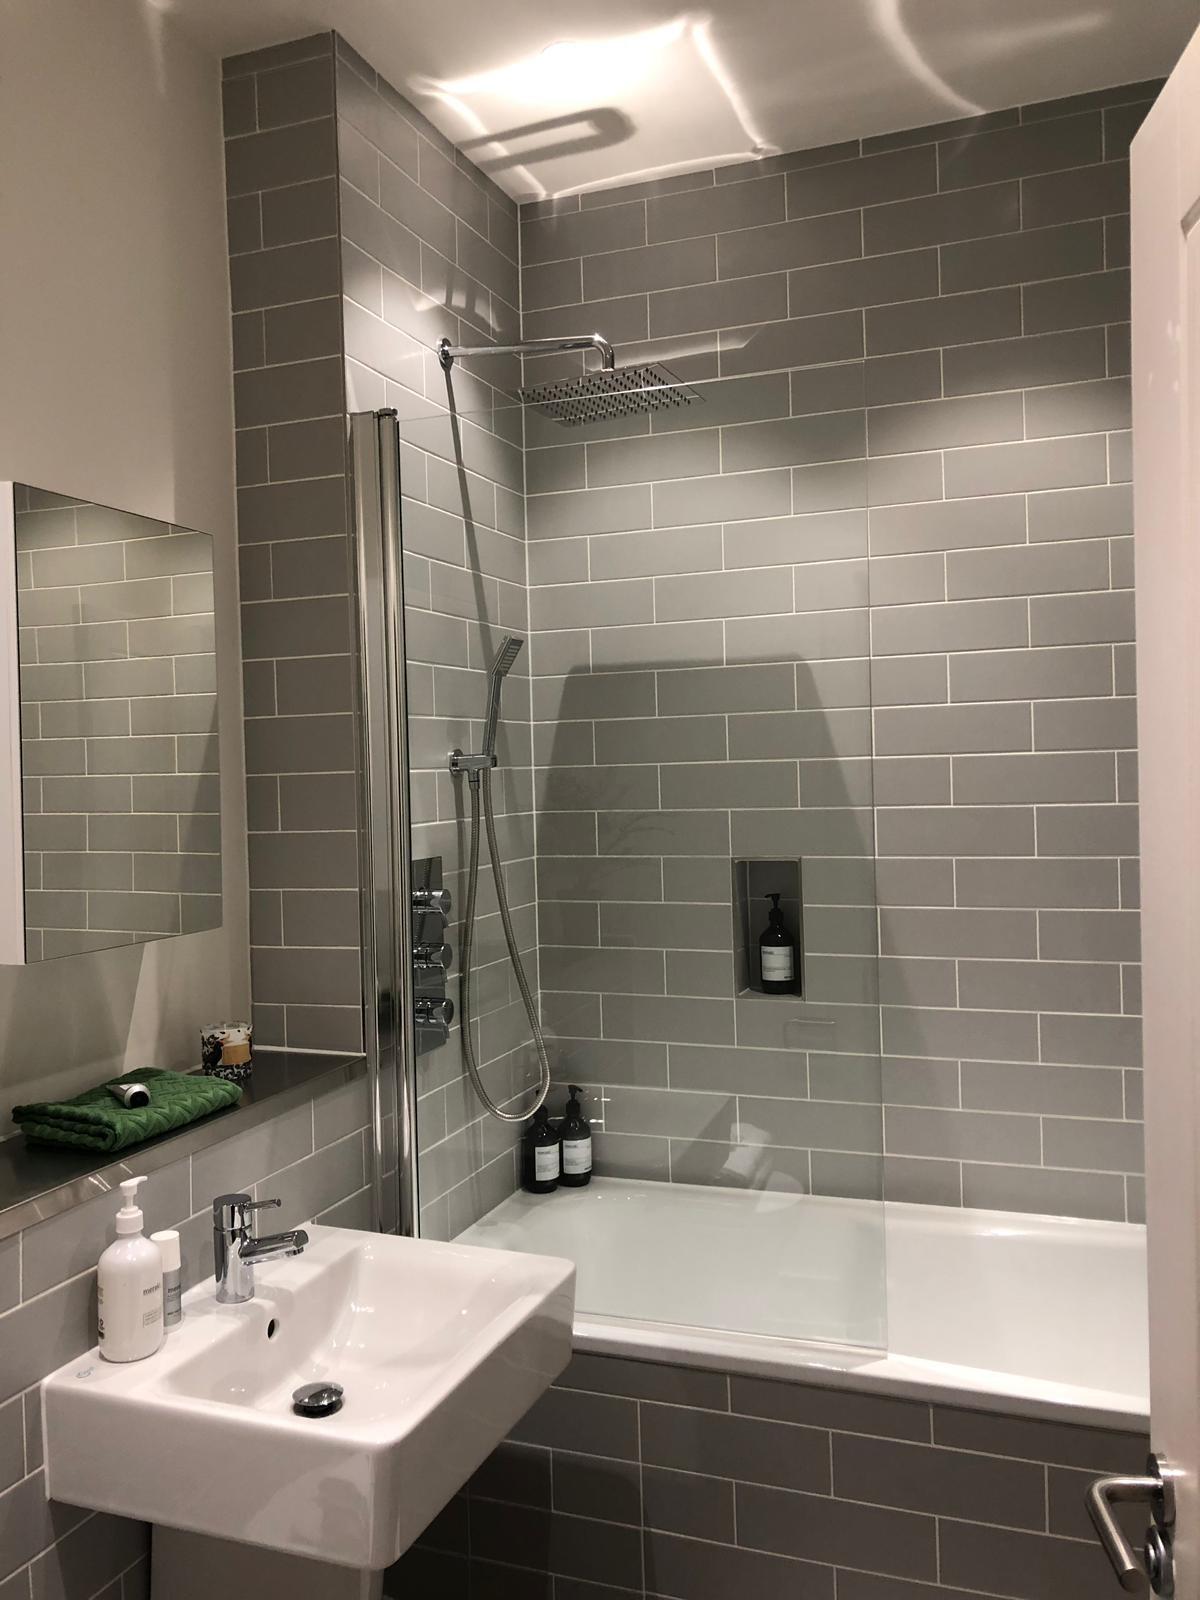 Bathroom at Shoreditch Apartments